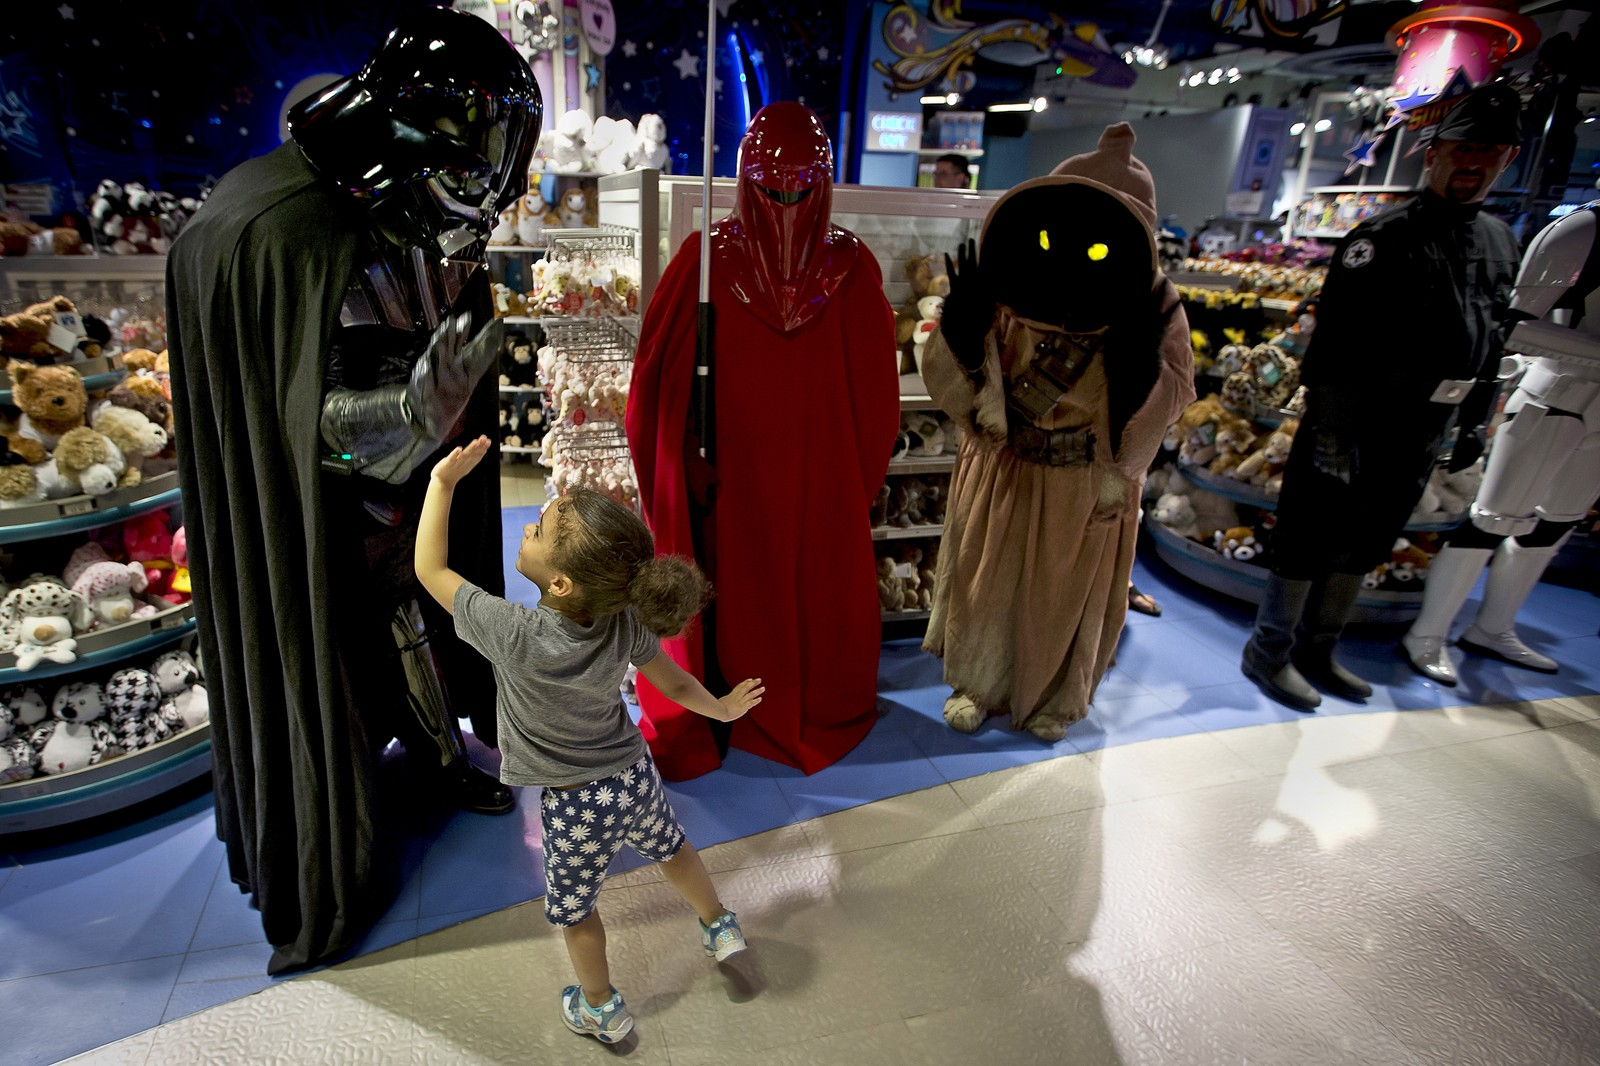 """Kraften var sterkt tilstede i denne butikken på Times Square da nye leker ble lansert i forbindelse med den nye Star Wars-filmen """"The Force Awakens""""."""